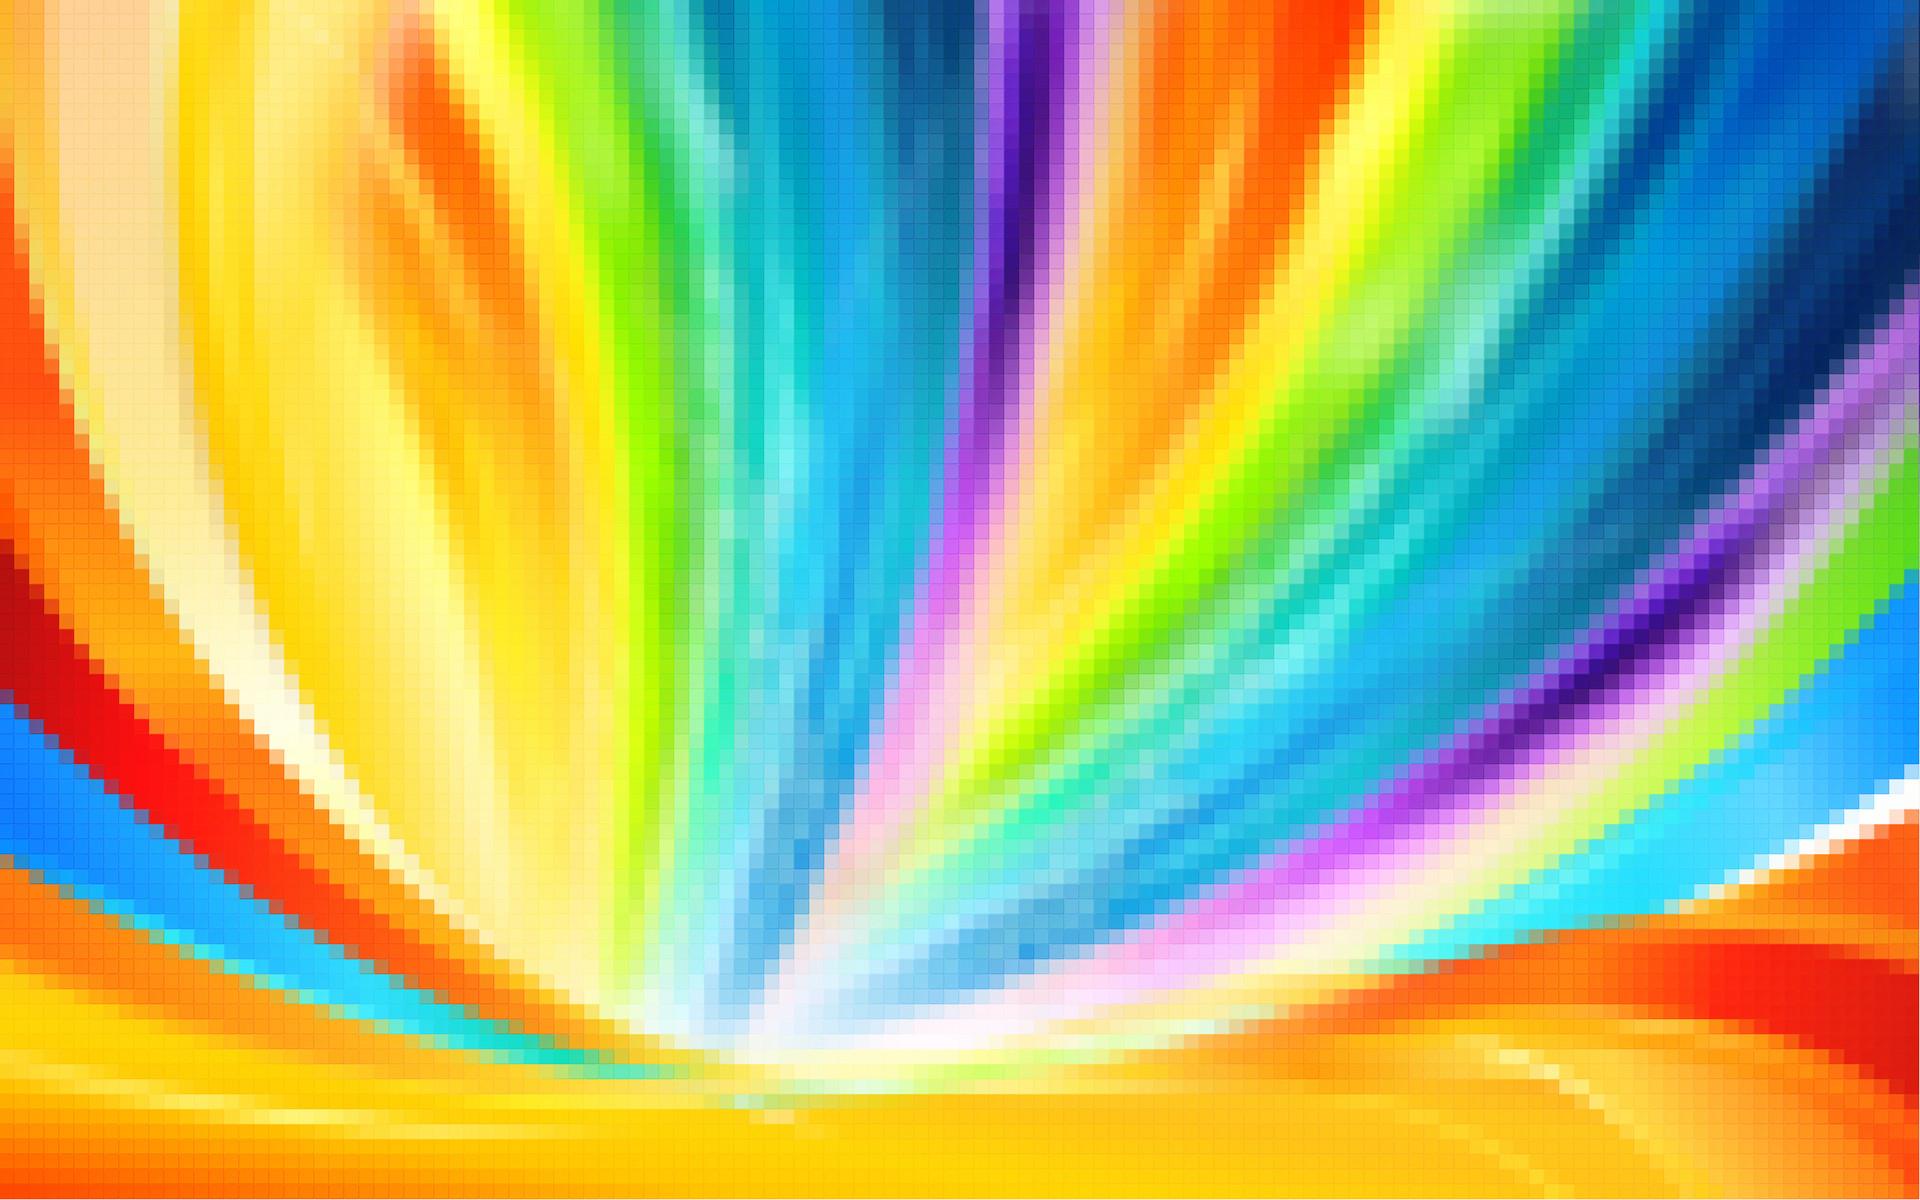 Colorful Backgrounds Wallpapers – WallpaperSafari